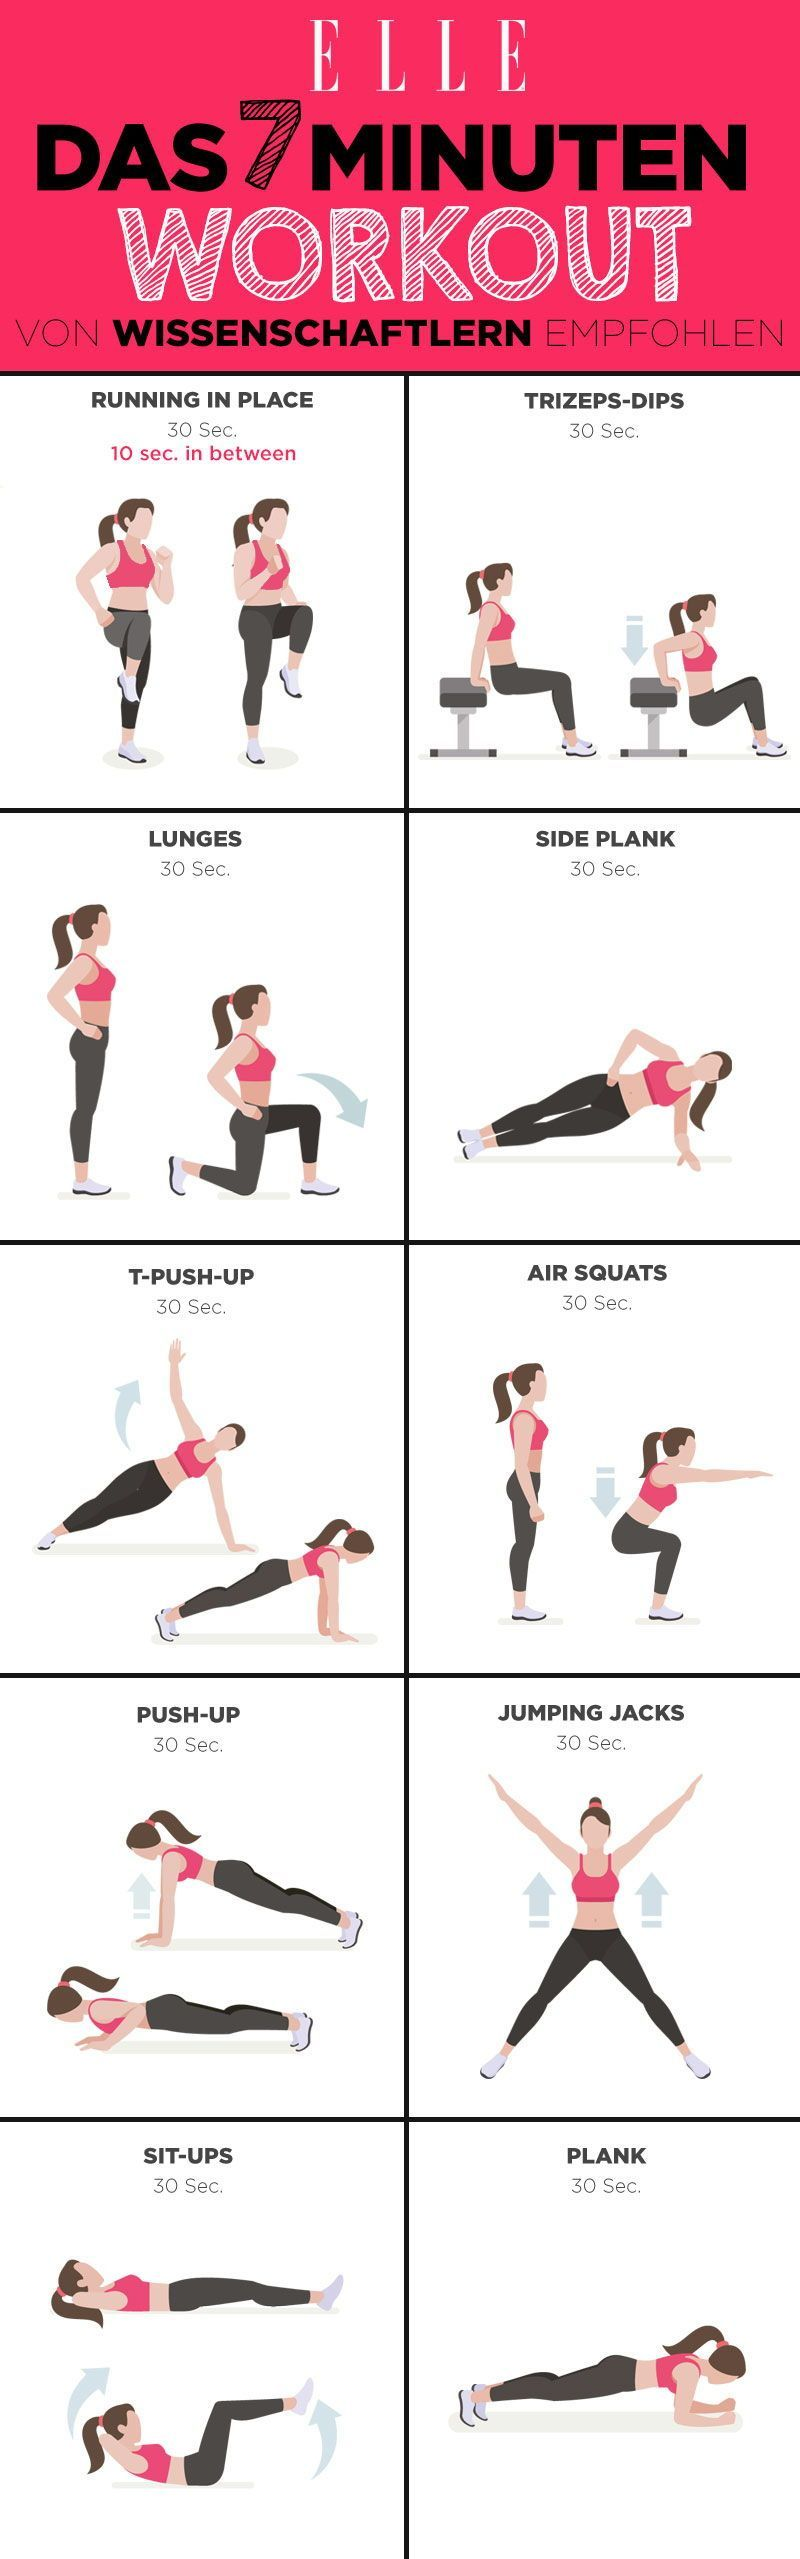 #7MinutenWorkout #Abnehmen #Dieses #empfehlen #Wissenschaftler Das 7 Minuten Ganzkörper-Workout, das...